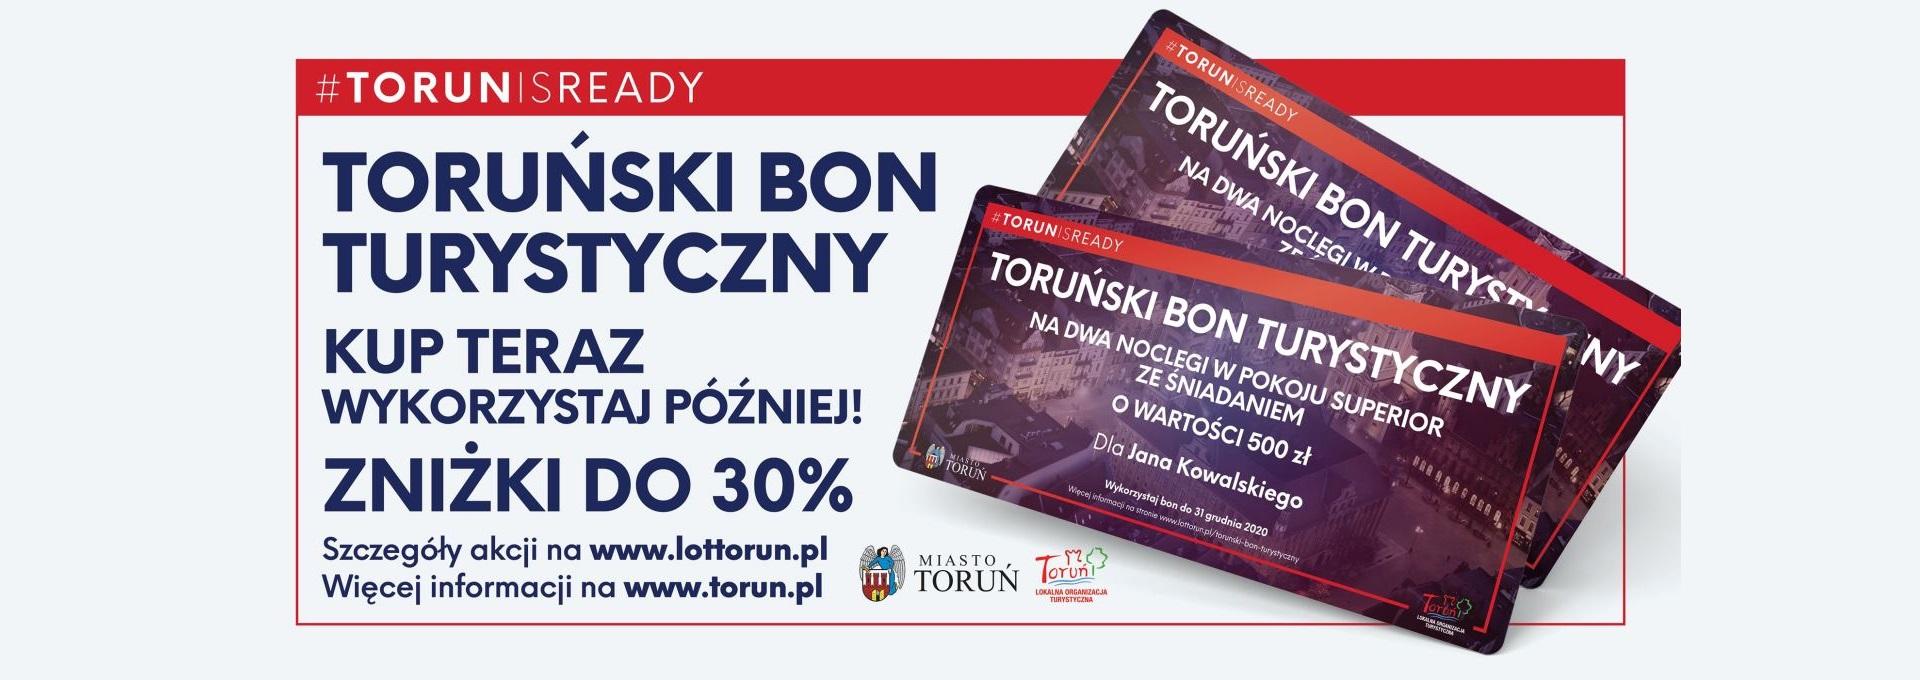 Napis: Toruński Bon Turystyczny. Kup teraz, wykorzystaj później!